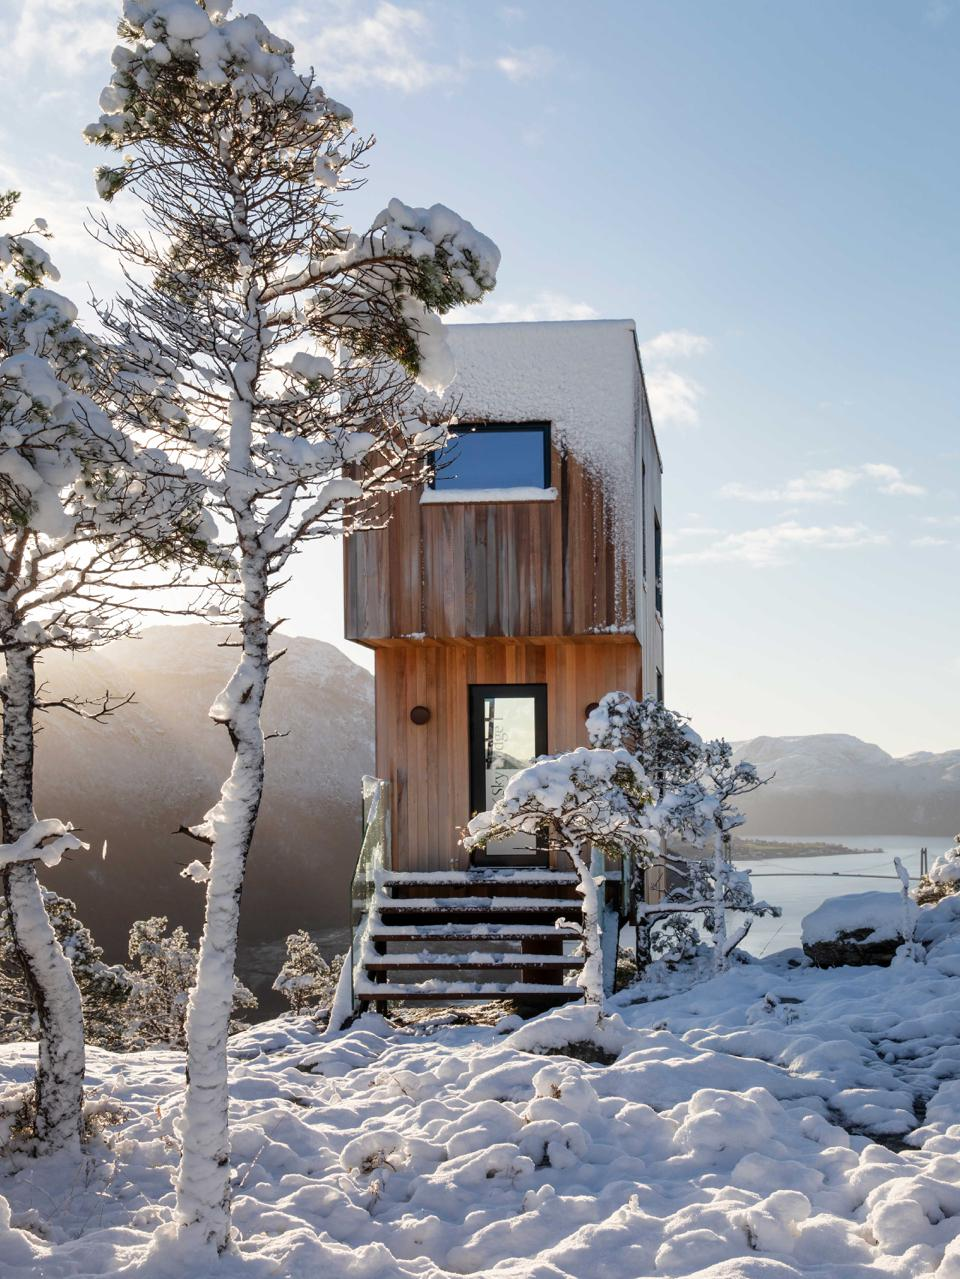 ferienhaus-norwegen-decohome.de-winter-vippbolder22